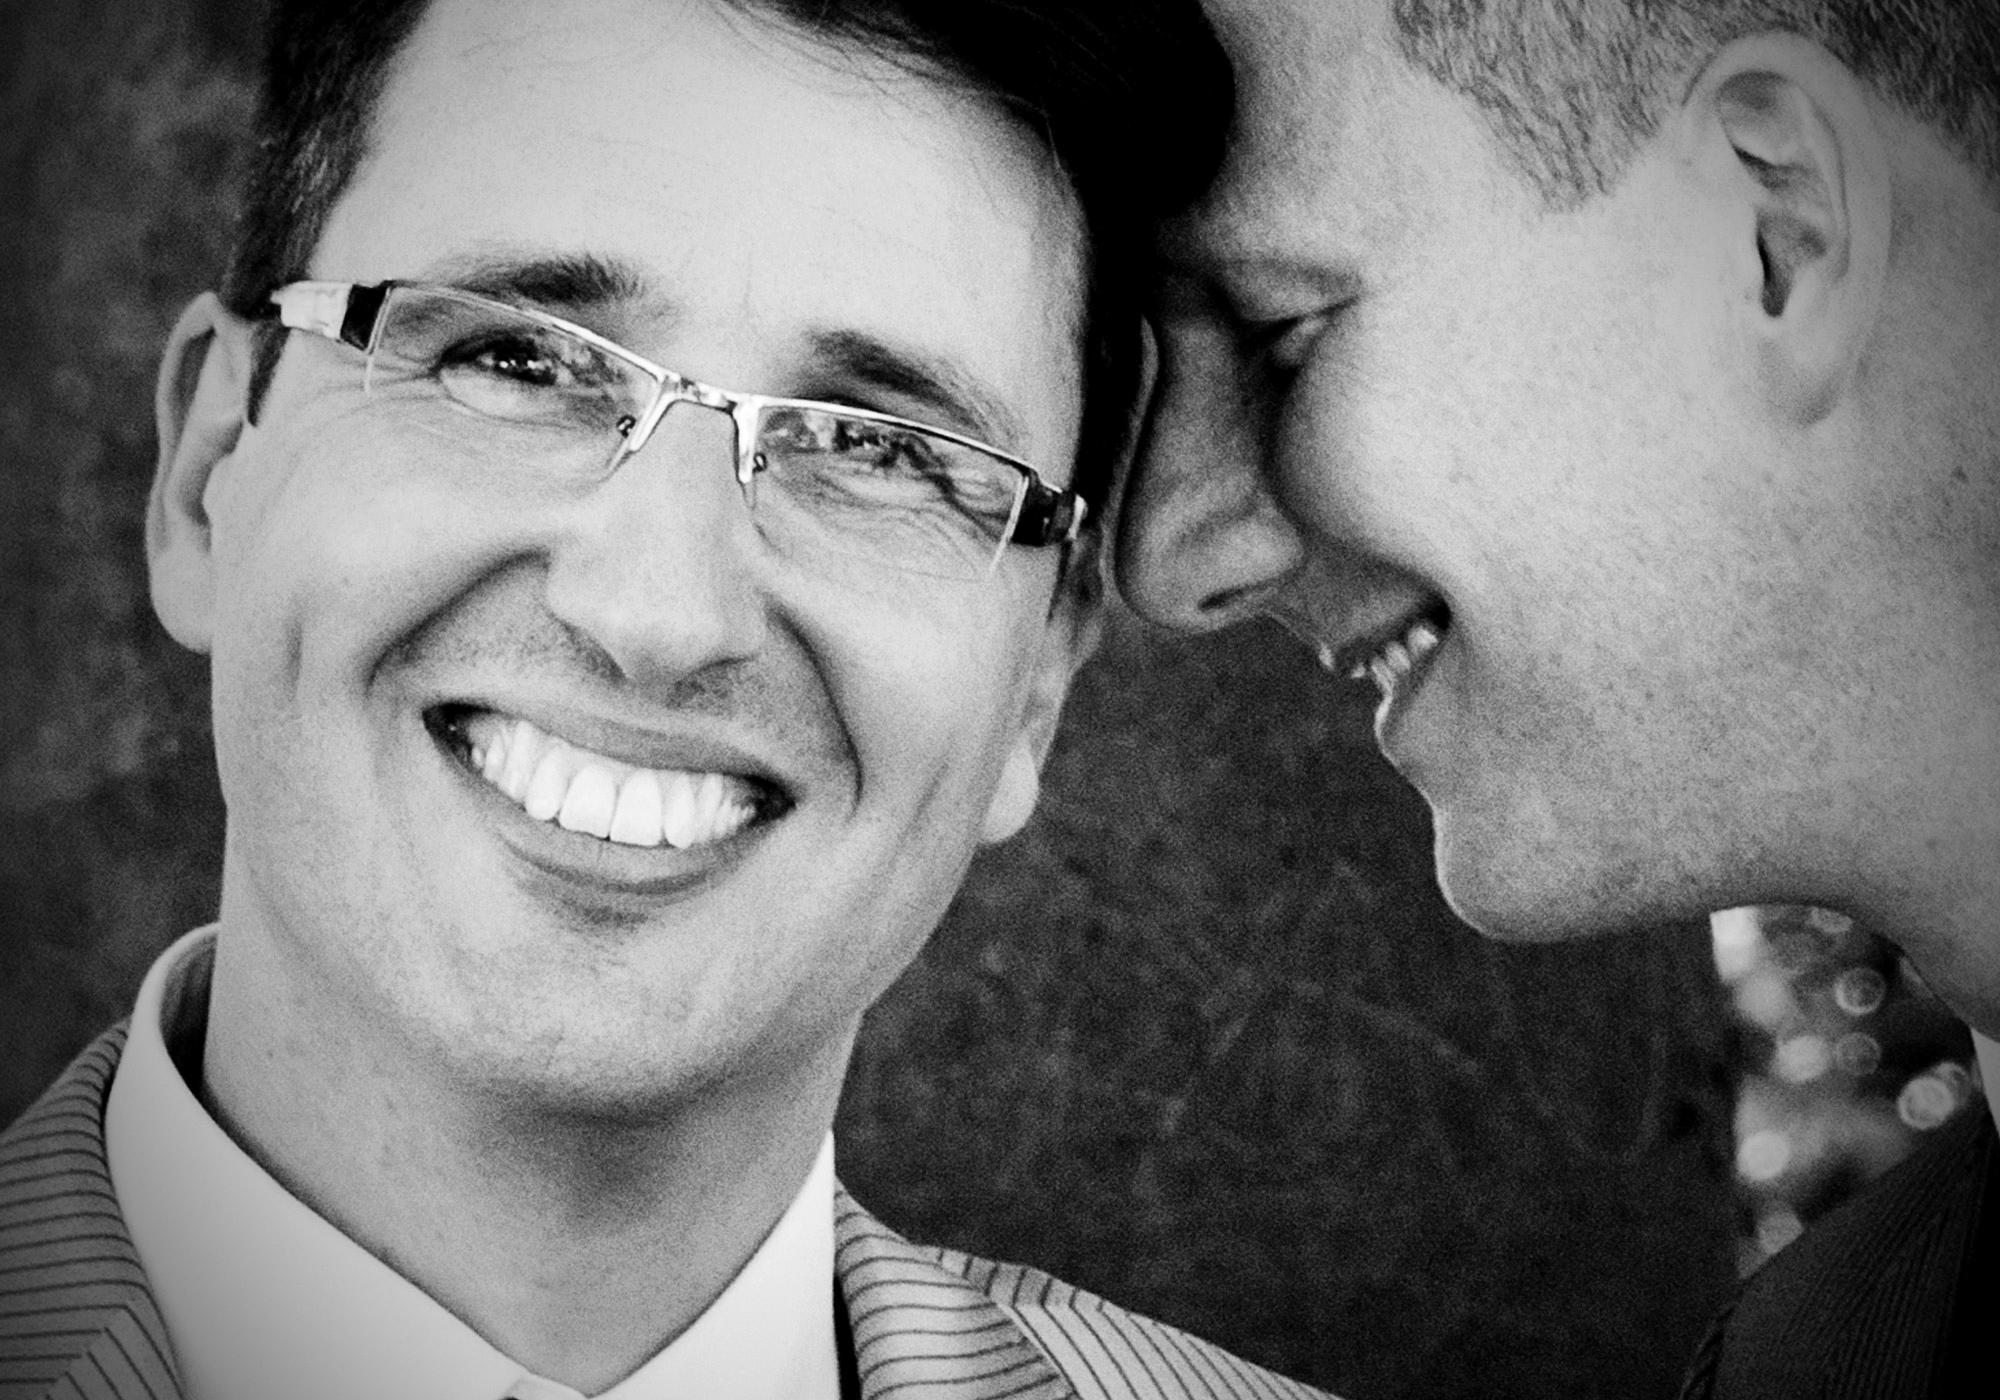 Bräutigamshooting eines gleichgeschlechtlichen Paares in Hamburg Altona am Altona Balkon